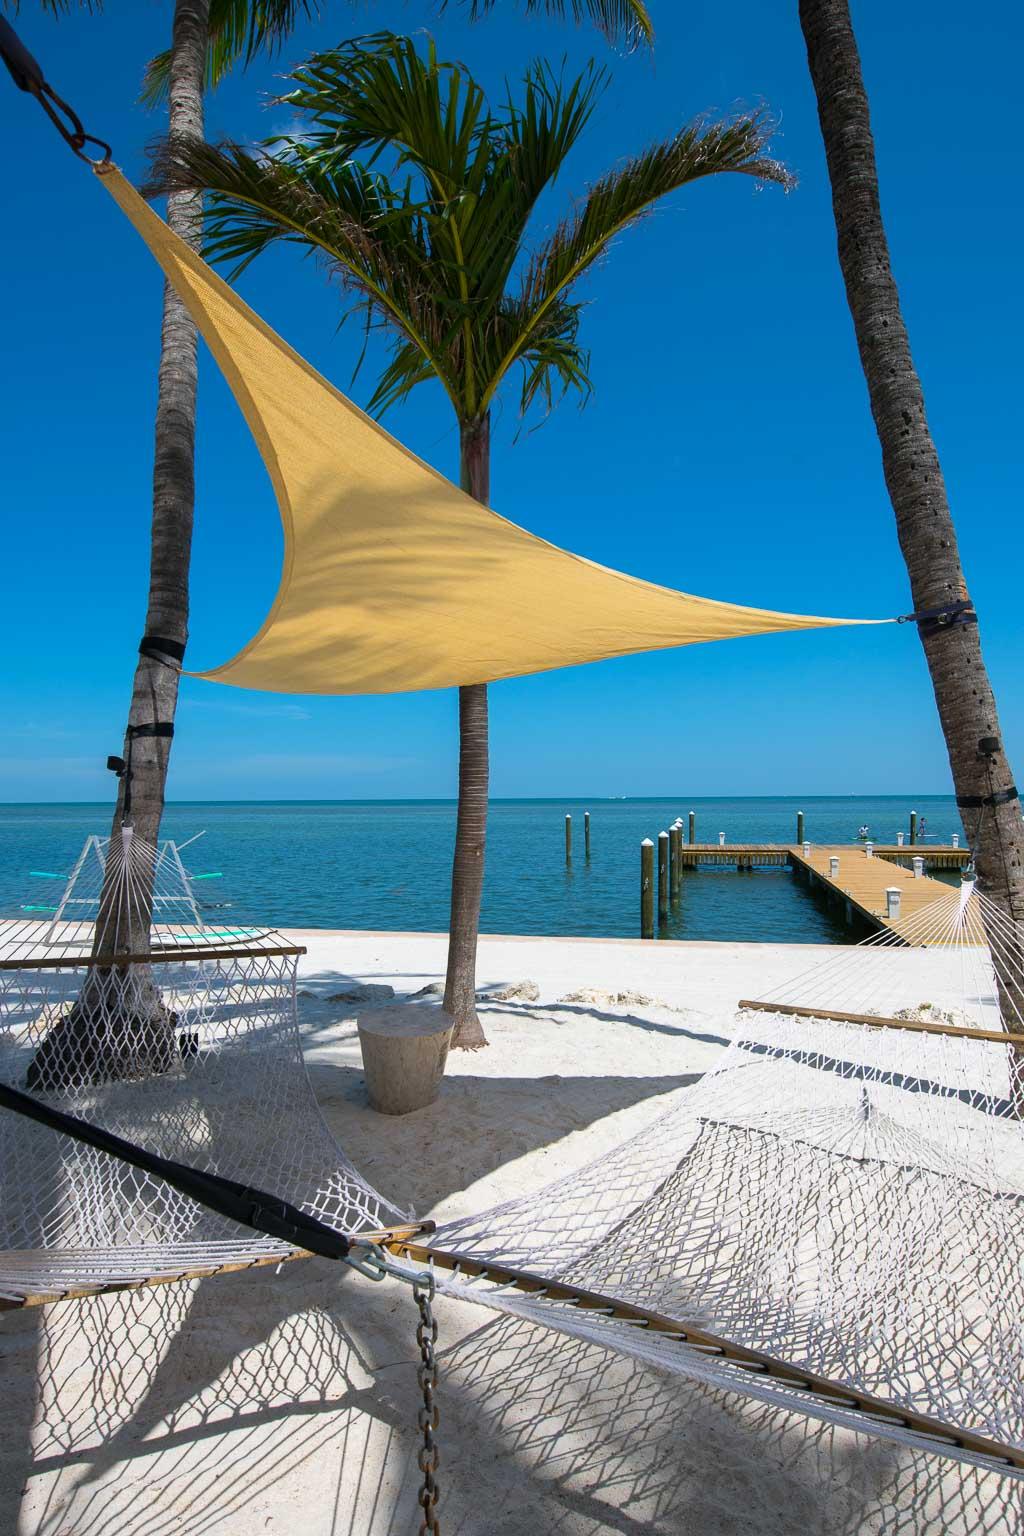 Entspannung Amara Cay (c) Rob O'Neal